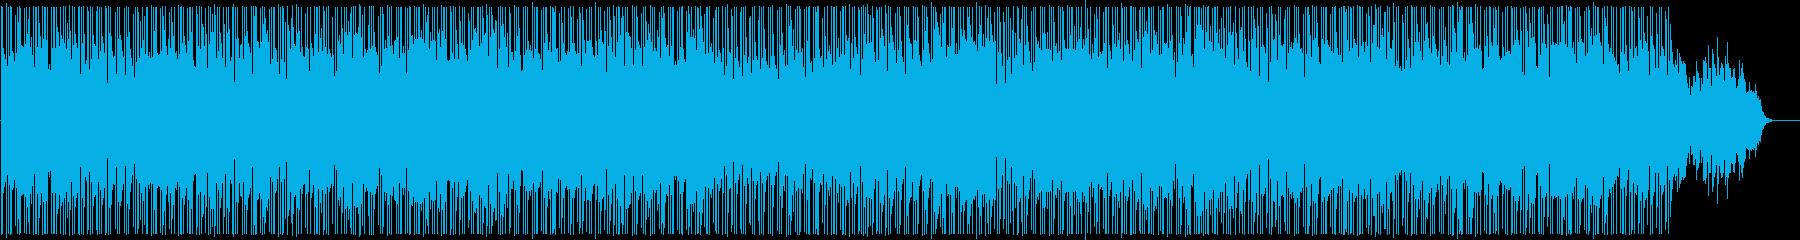 まったりと朗らかなシンセサウンドの再生済みの波形